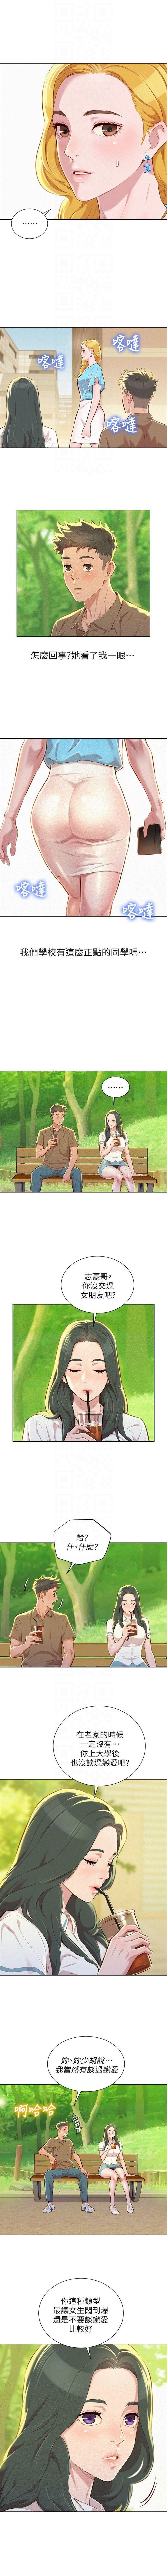 (周7)漂亮干姐姐  1-79 中文翻译 (更新中) 269